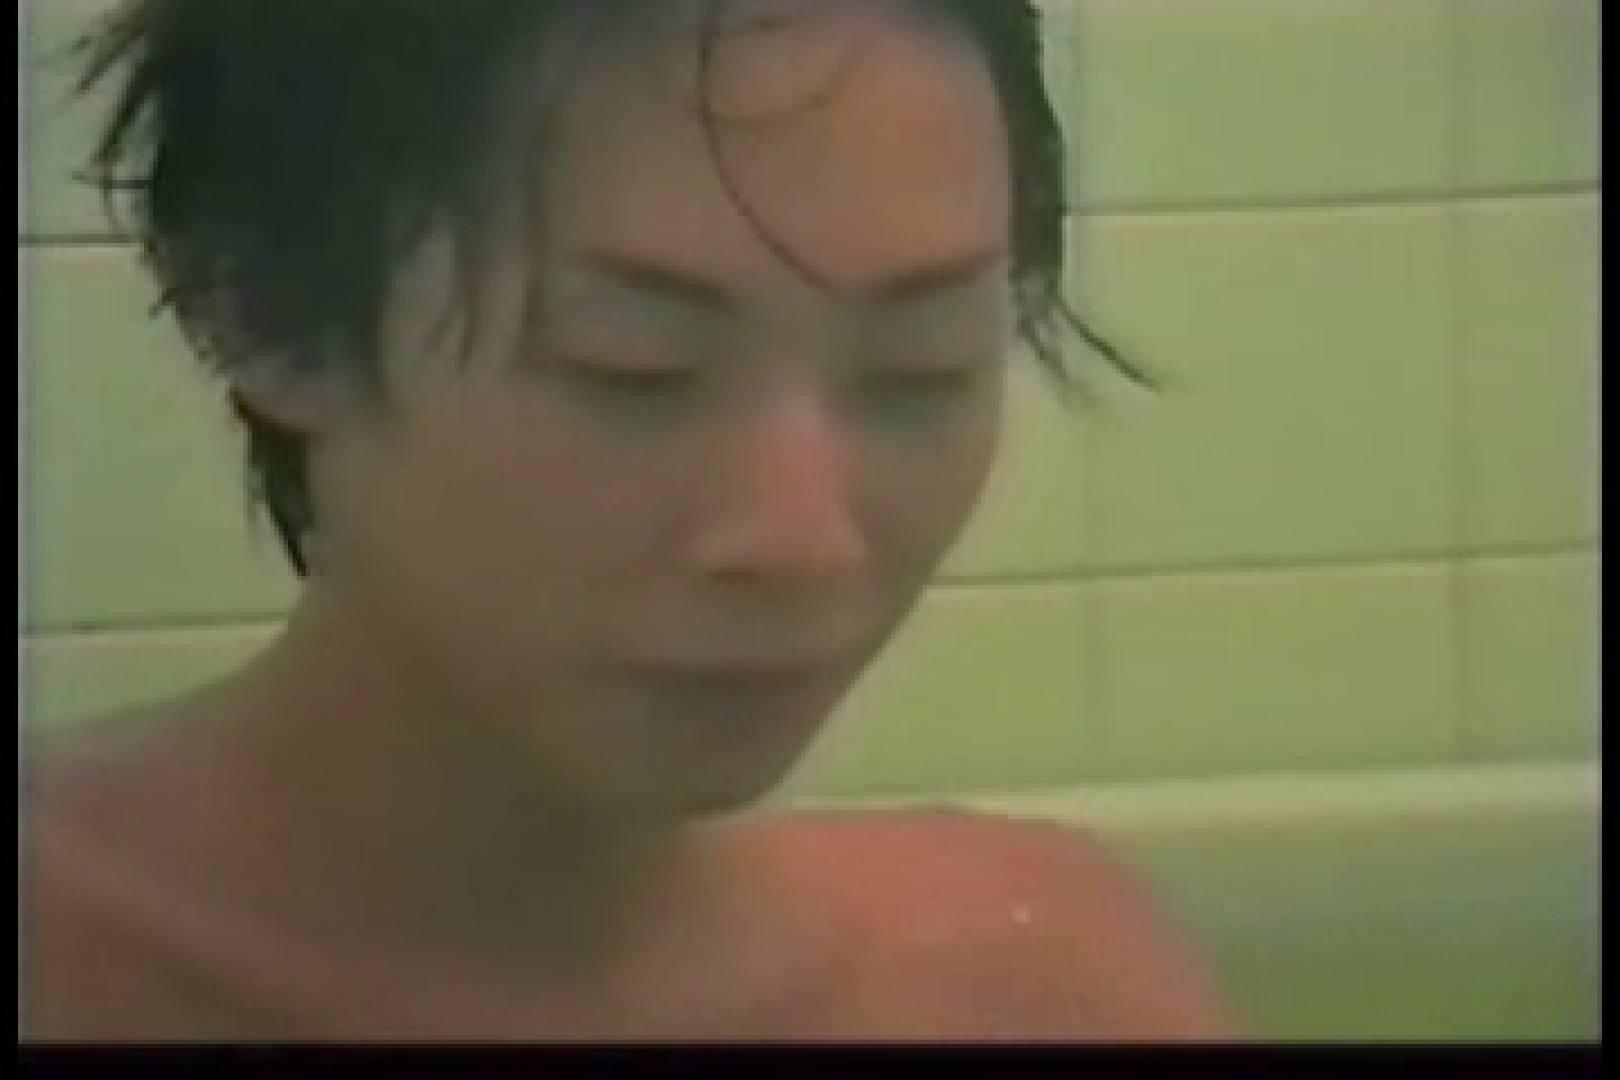 【個人製作】若き男子たちのジャム遊び 手コキ ゲイ無料エロ画像 62pic 2